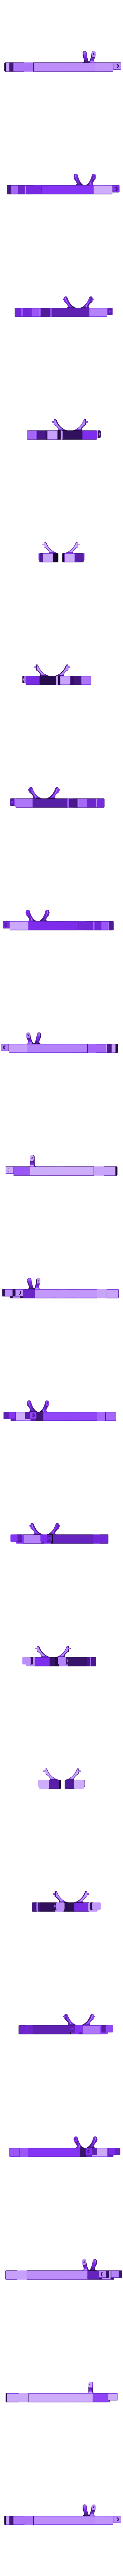 09TRK frt Rails option angle.stl Download STL file Ratrod Pickup • 3D printing template, macone1